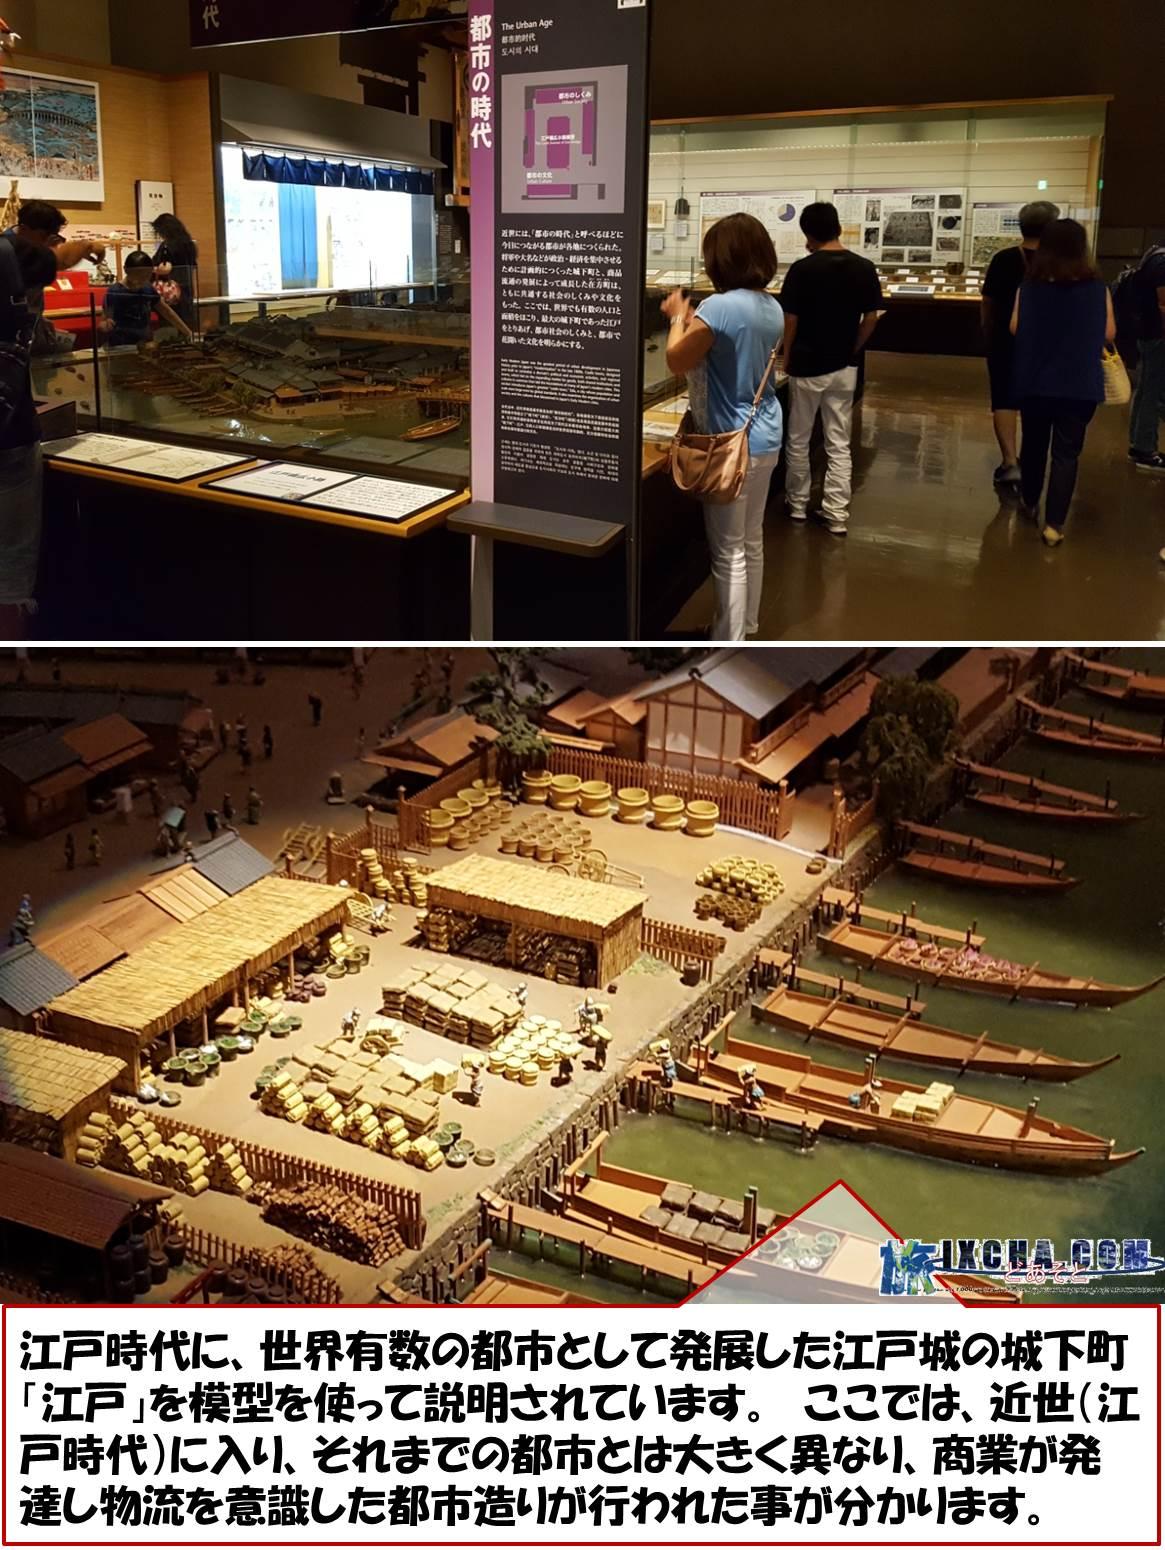 江戸時代に、世界有数の都市として発展した江戸城の城下町「江戸」を模型を使って説明されています。 ここでは、近世(江戸時代)に入り、それまでの都市とは大きく異なり、商業が発達し物流を意識した都市造りが行われた事が分かります。